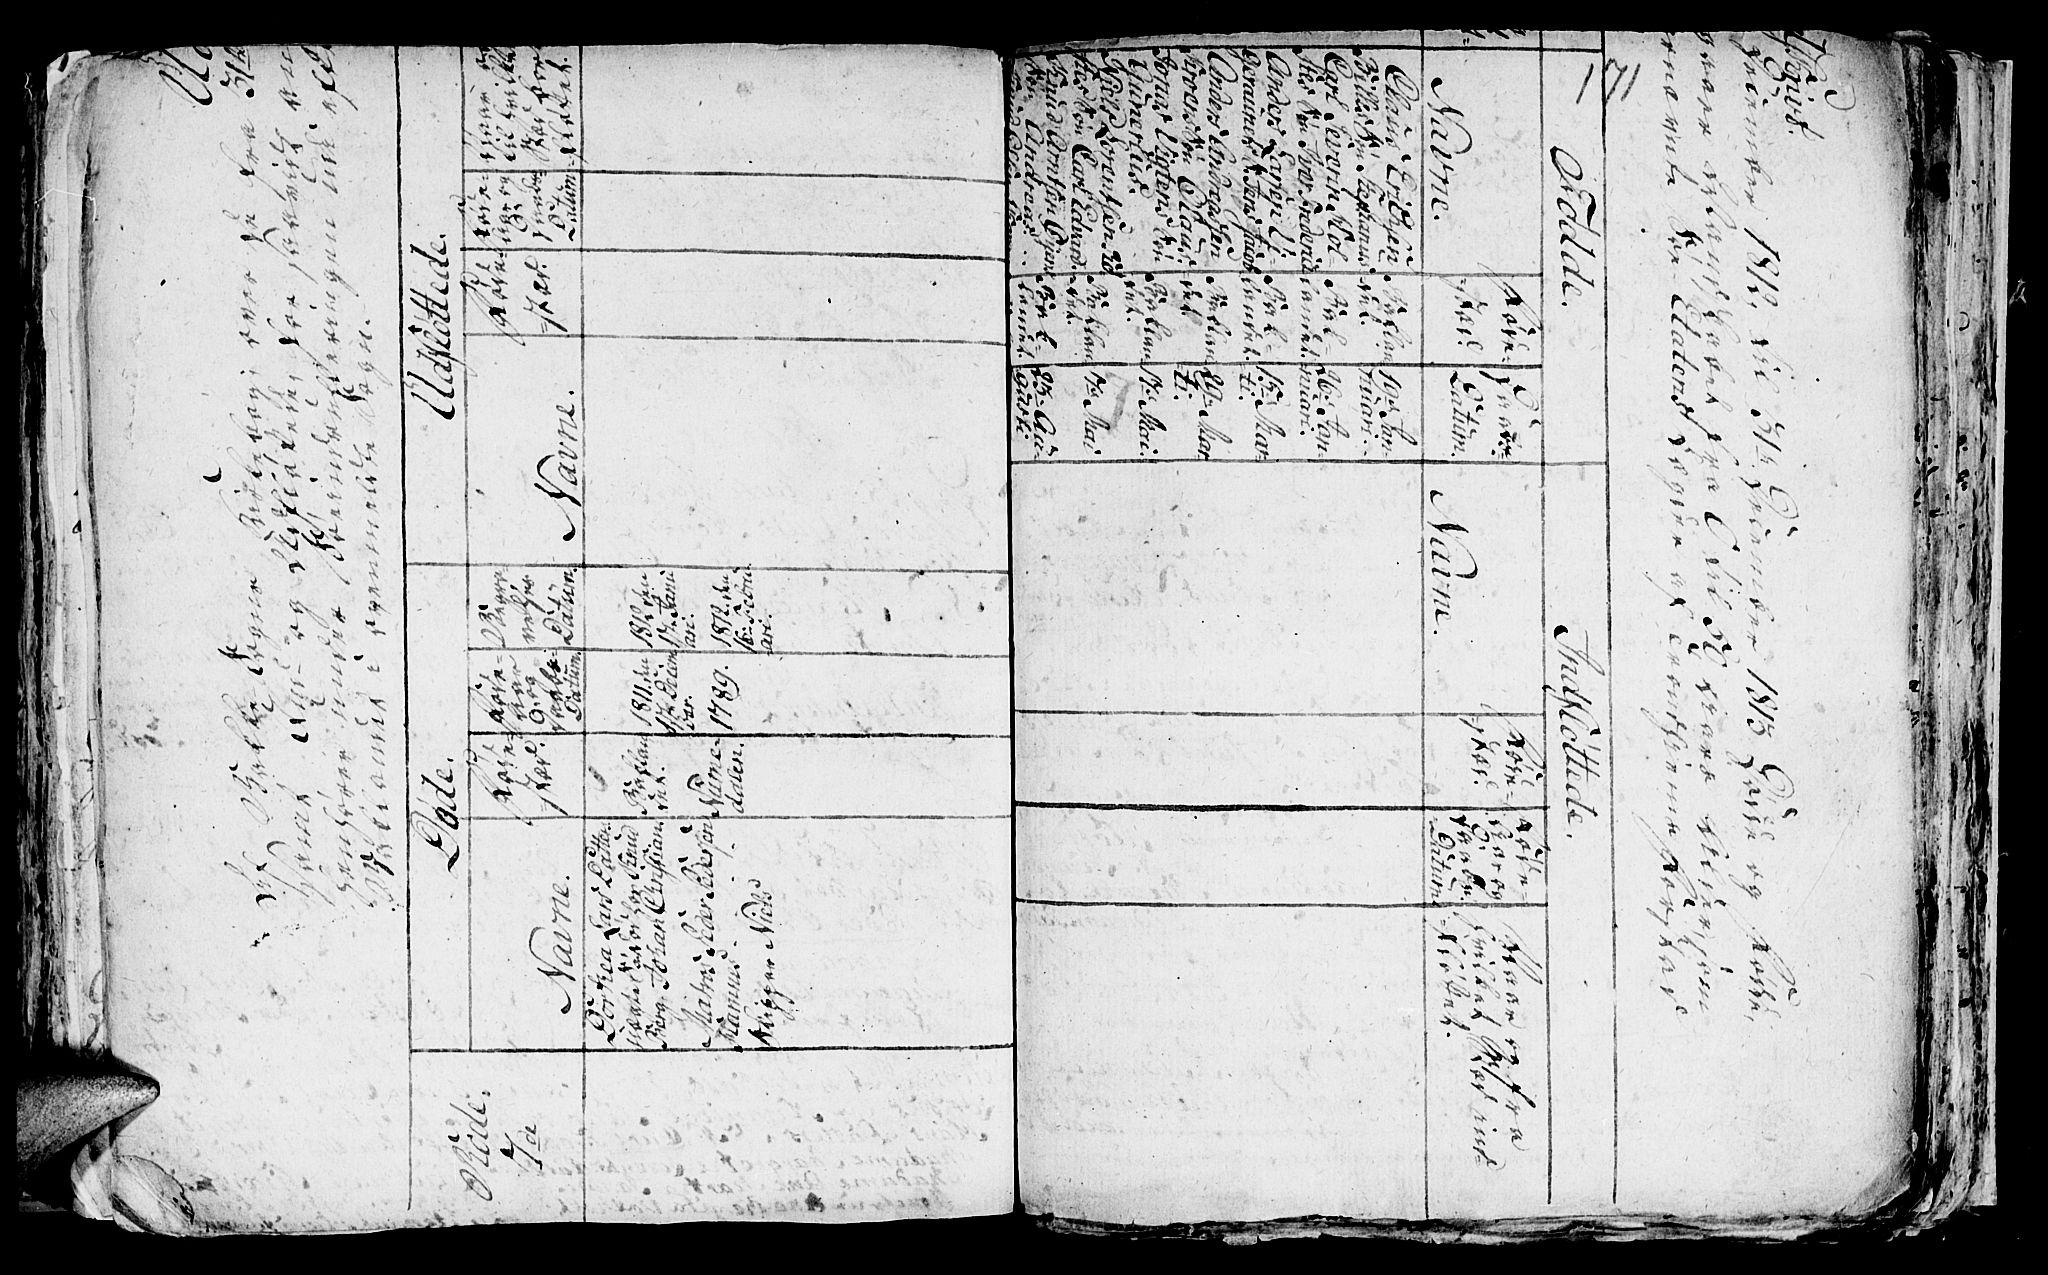 SAT, Ministerialprotokoller, klokkerbøker og fødselsregistre - Sør-Trøndelag, 604/L0218: Klokkerbok nr. 604C01, 1754-1819, s. 171